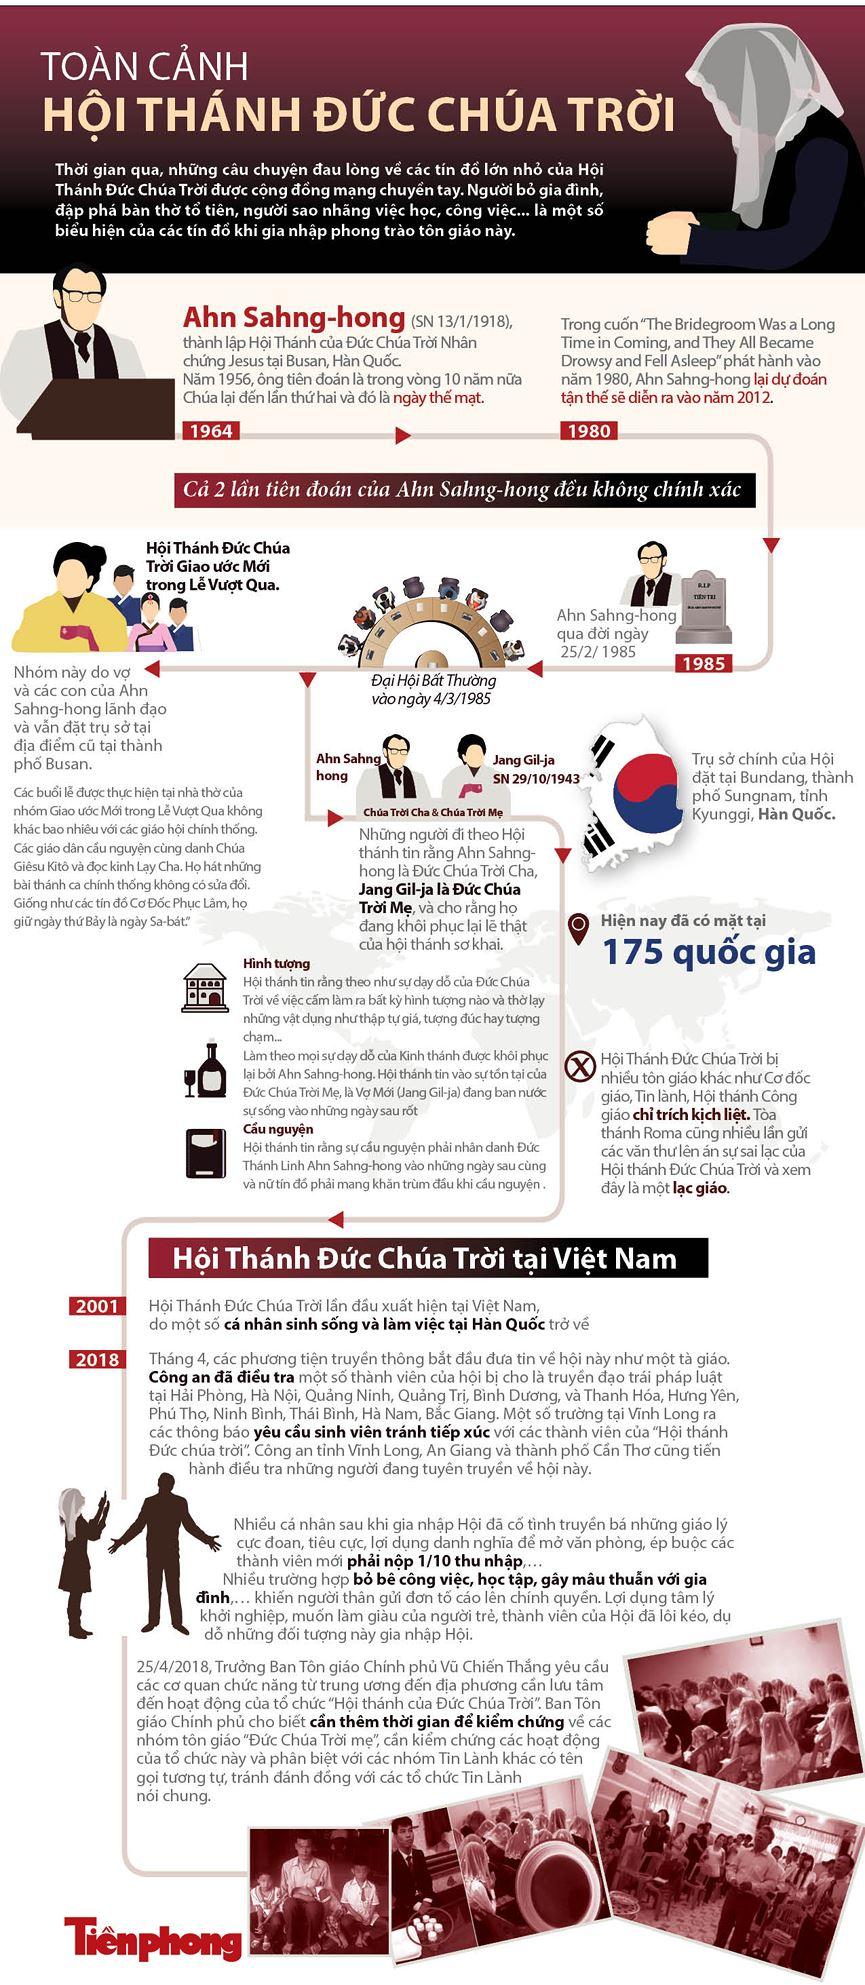 [Infographics] Chân tướng Hội Thánh Đức Chúa Trời gây xôn xao dư luận - 1